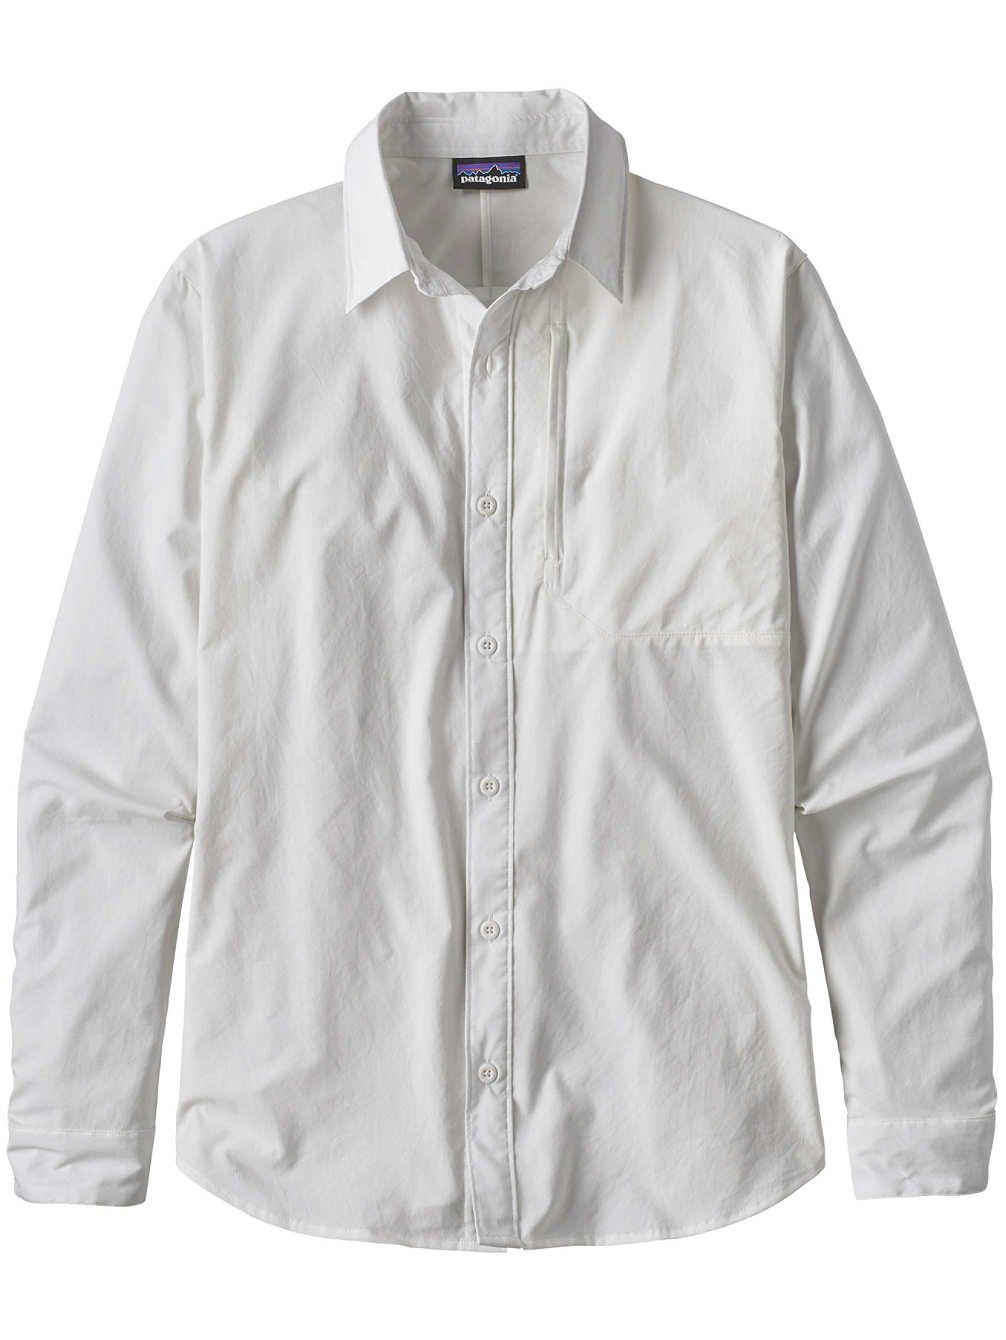 Patagonia M 'S L/S skiddore Shirt, Herren